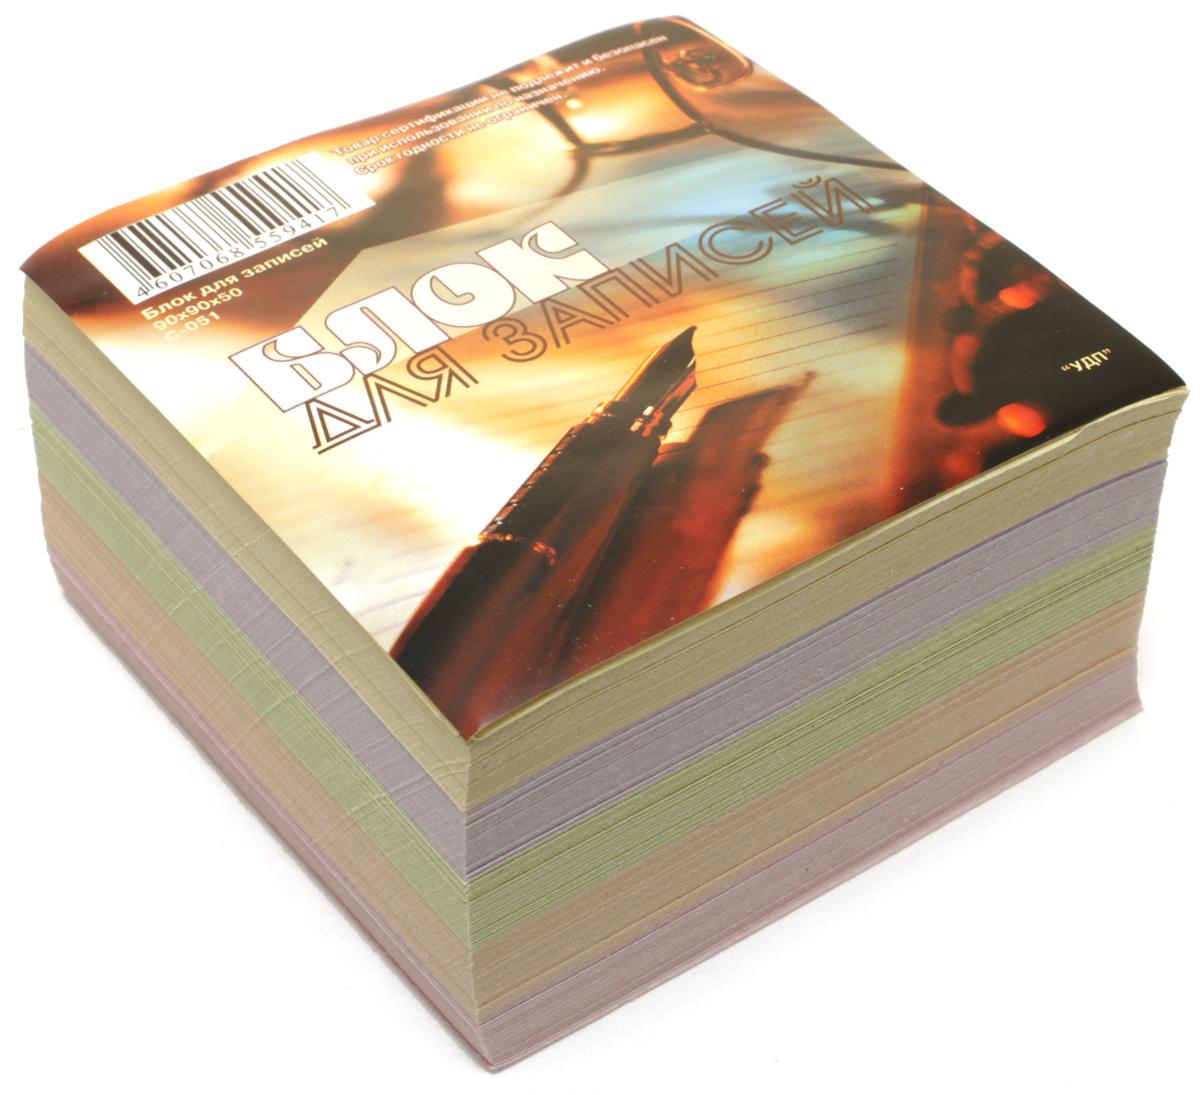 Ульяновский Дом печати Бумага для заметок цветная С-051С-051Бумага для заметок Ульяновский Дом печати - это удобное и практическое решение для быстрой записи информации дома или на работе. Блок состоит из листов бумаги пяти цветов и имеет размер 9 см х 9 см х 5 см.